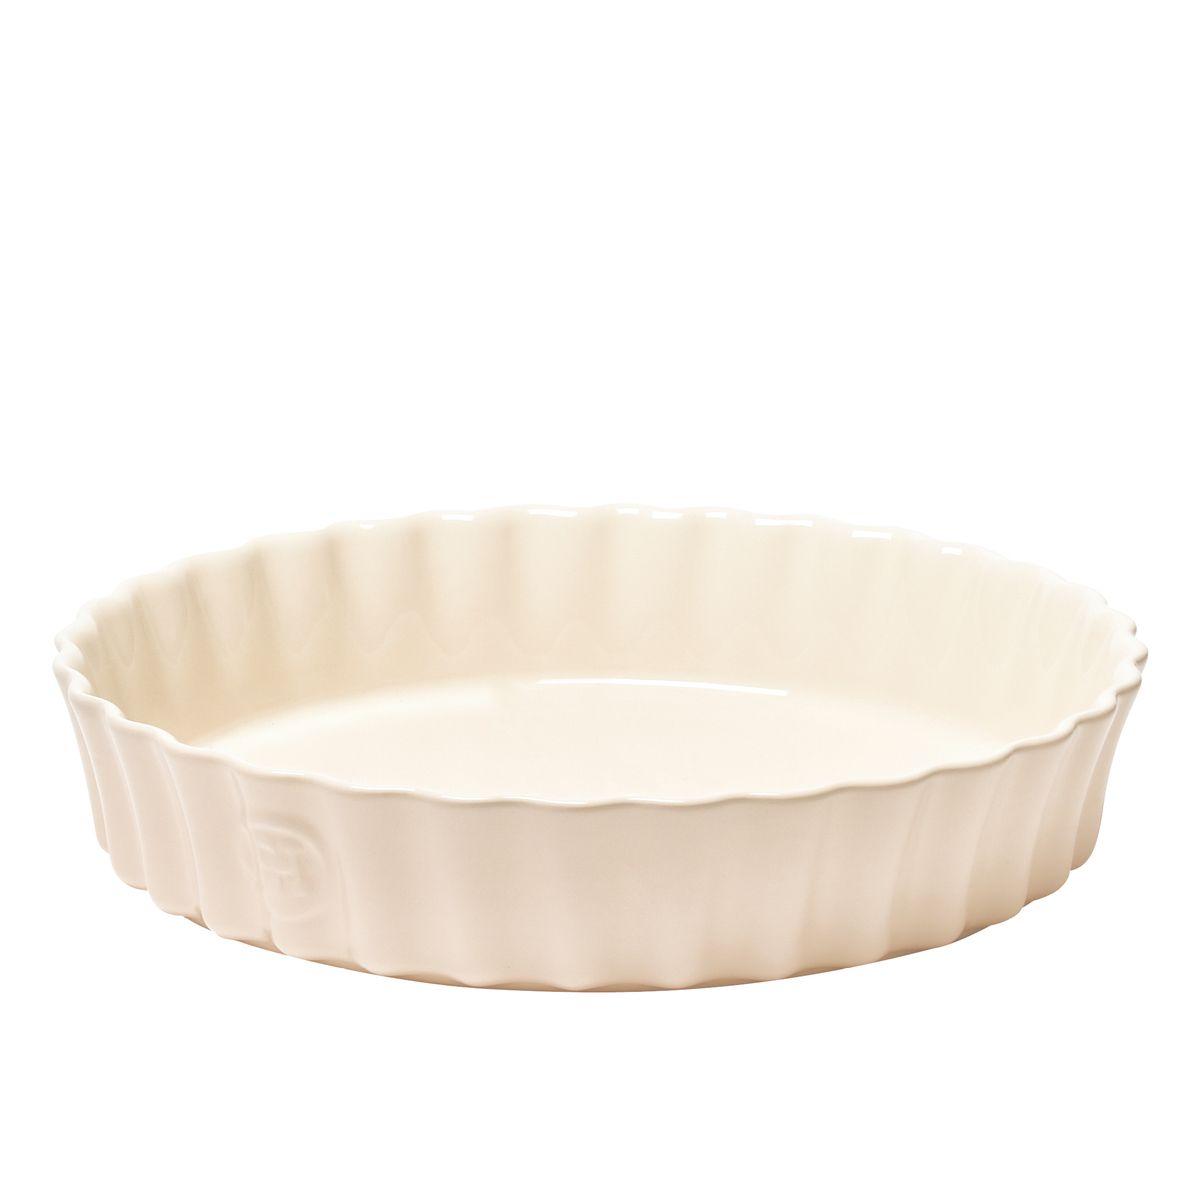 Moule à tarte / tourtière haute ronde en céramique blanc cassé 24 cm x 5 cm - Emile Henry